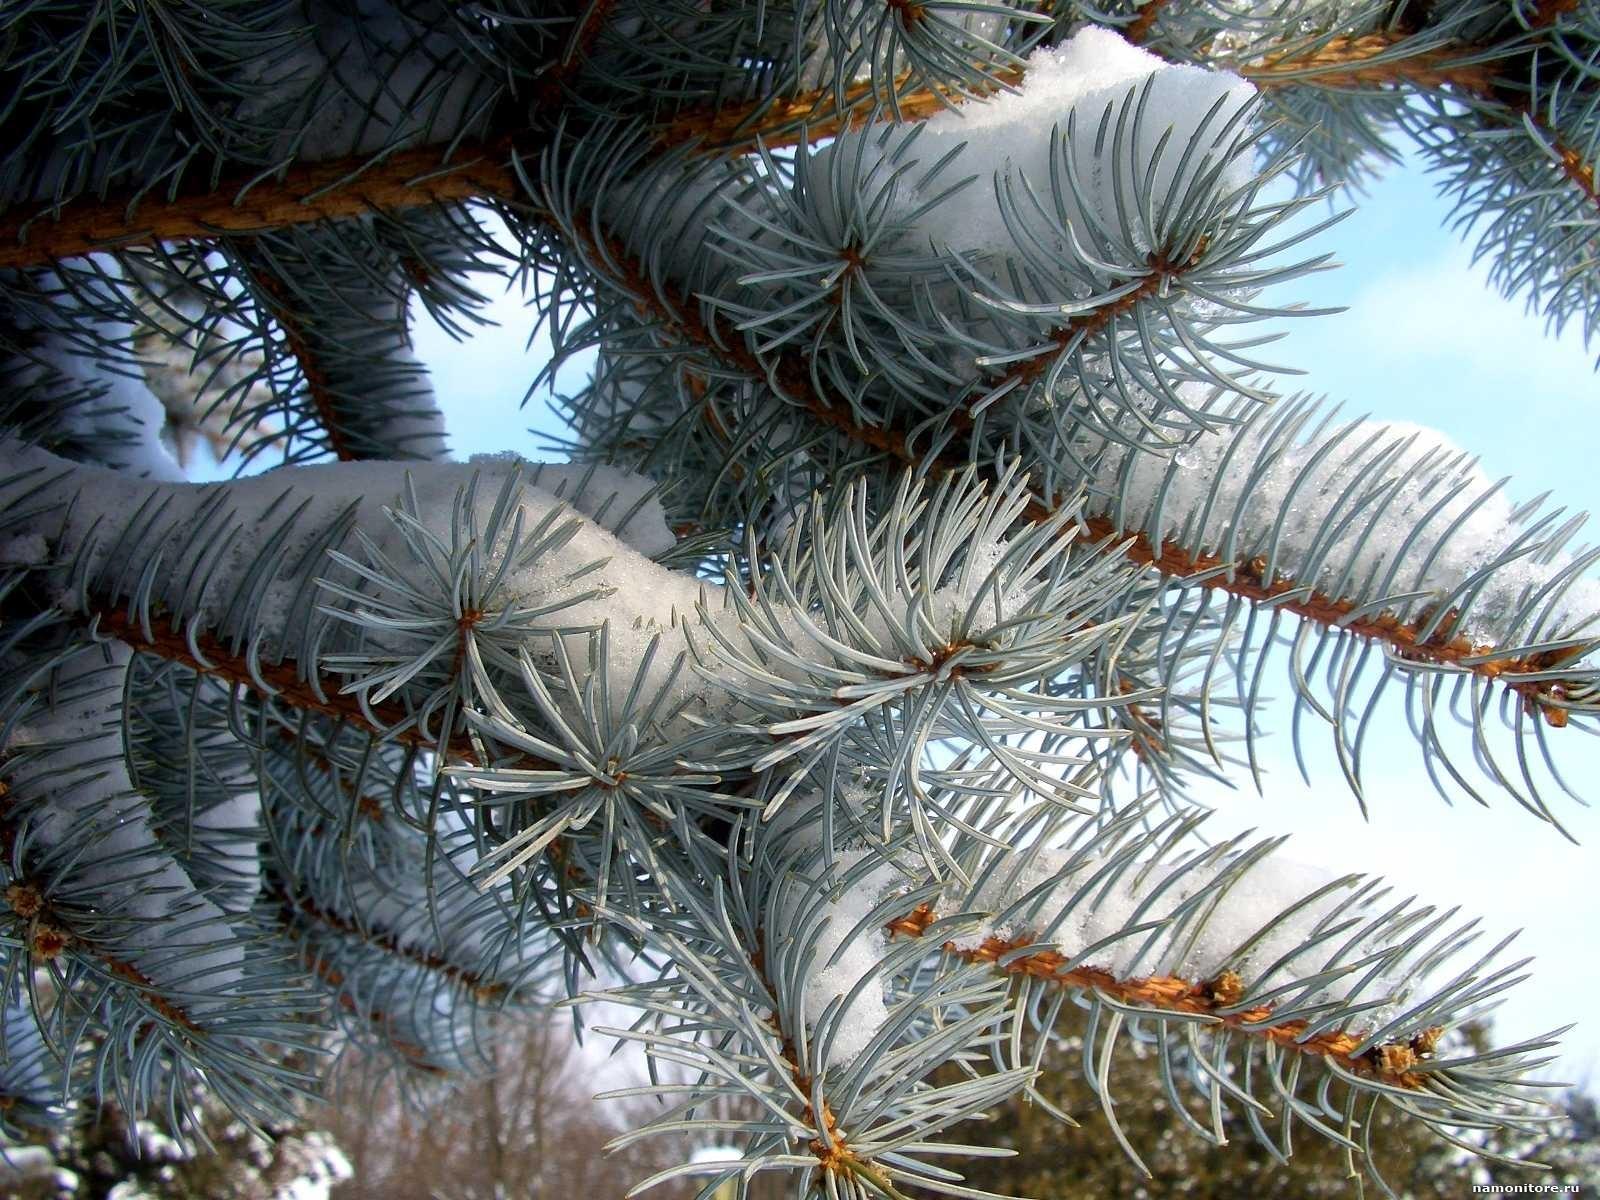 Картинка еловая ветка в снегу новогодние украшения на